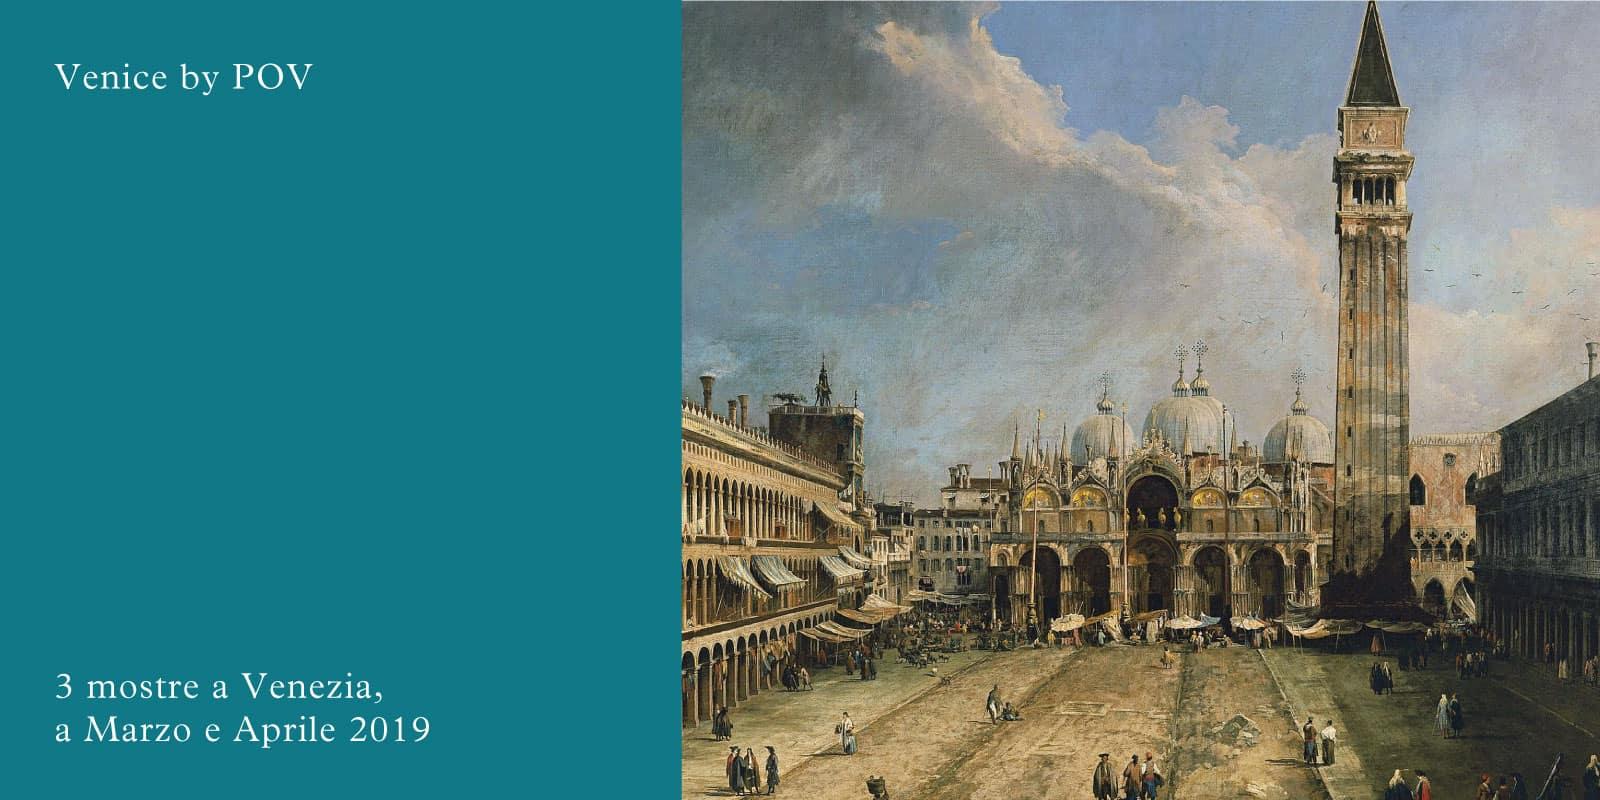 mostre-venezia-marzo-aprile-2019